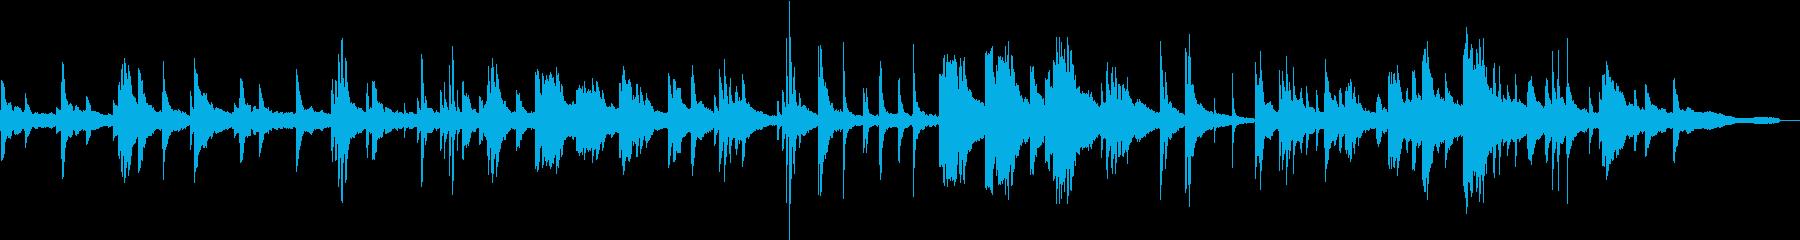 ヒーリングピアノ組曲 ただよう 3の再生済みの波形